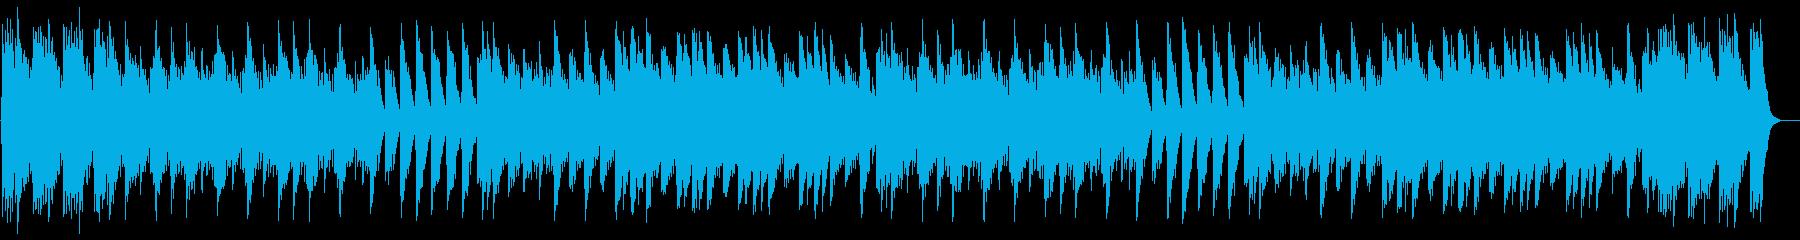 ドリーミーなオルゴールのアルペジオの再生済みの波形